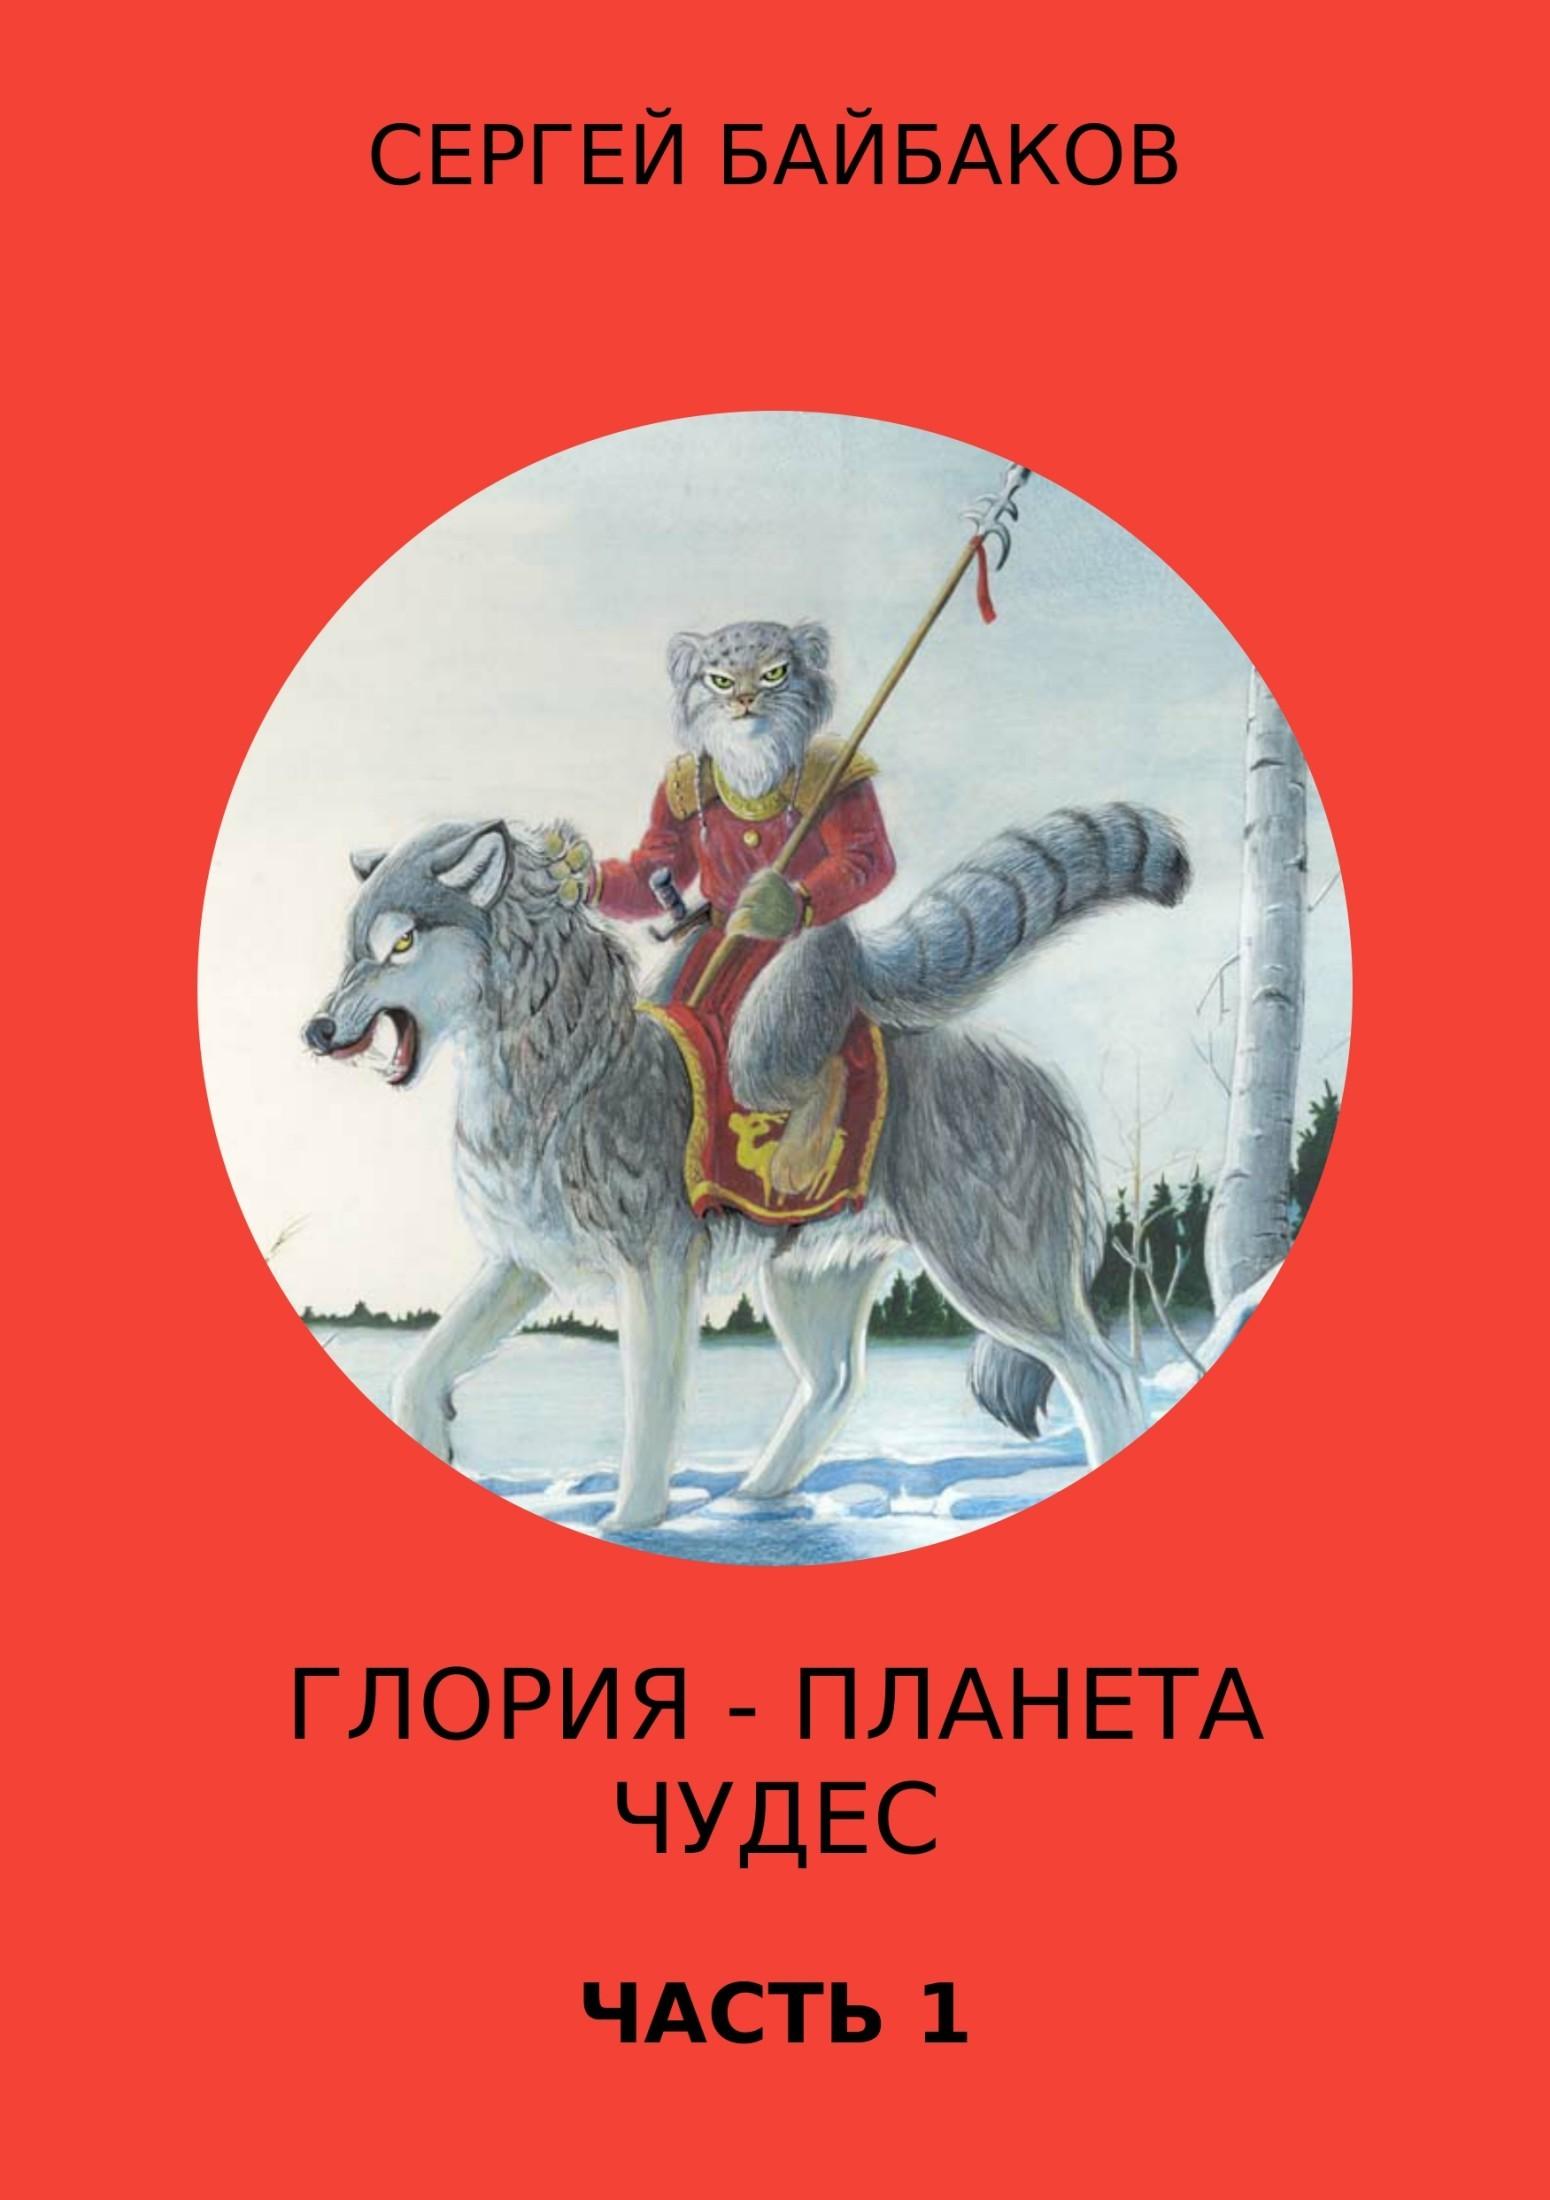 Сергей Геннадьевич Байбаков. Глория – планета чудес. Часть 1